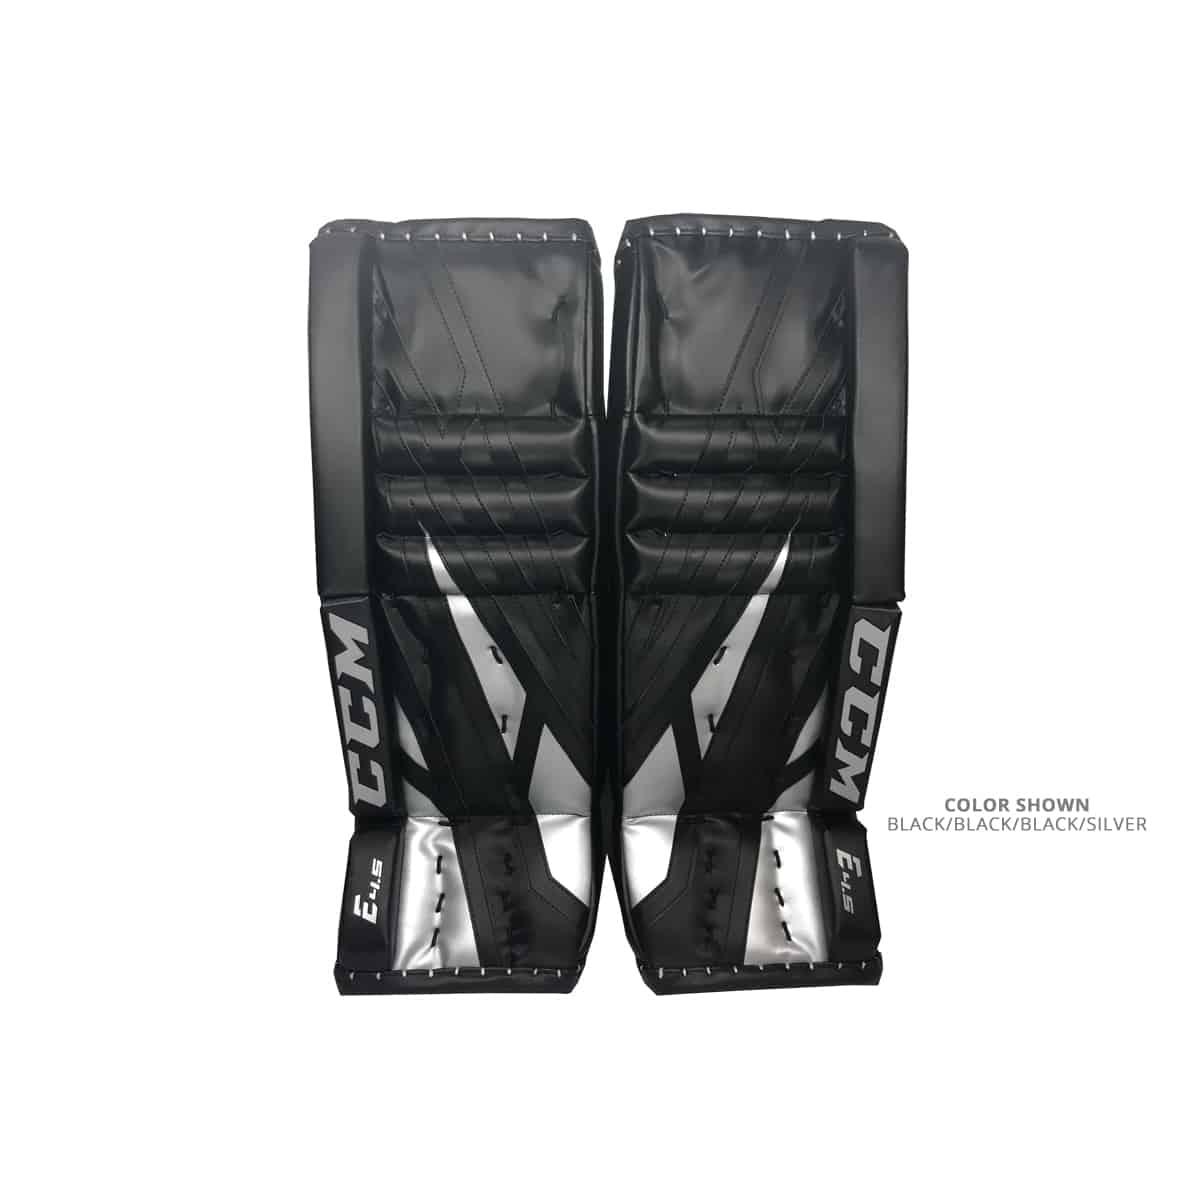 CCM Extreme Flex E4 5 Junior Goalie Leg Pads